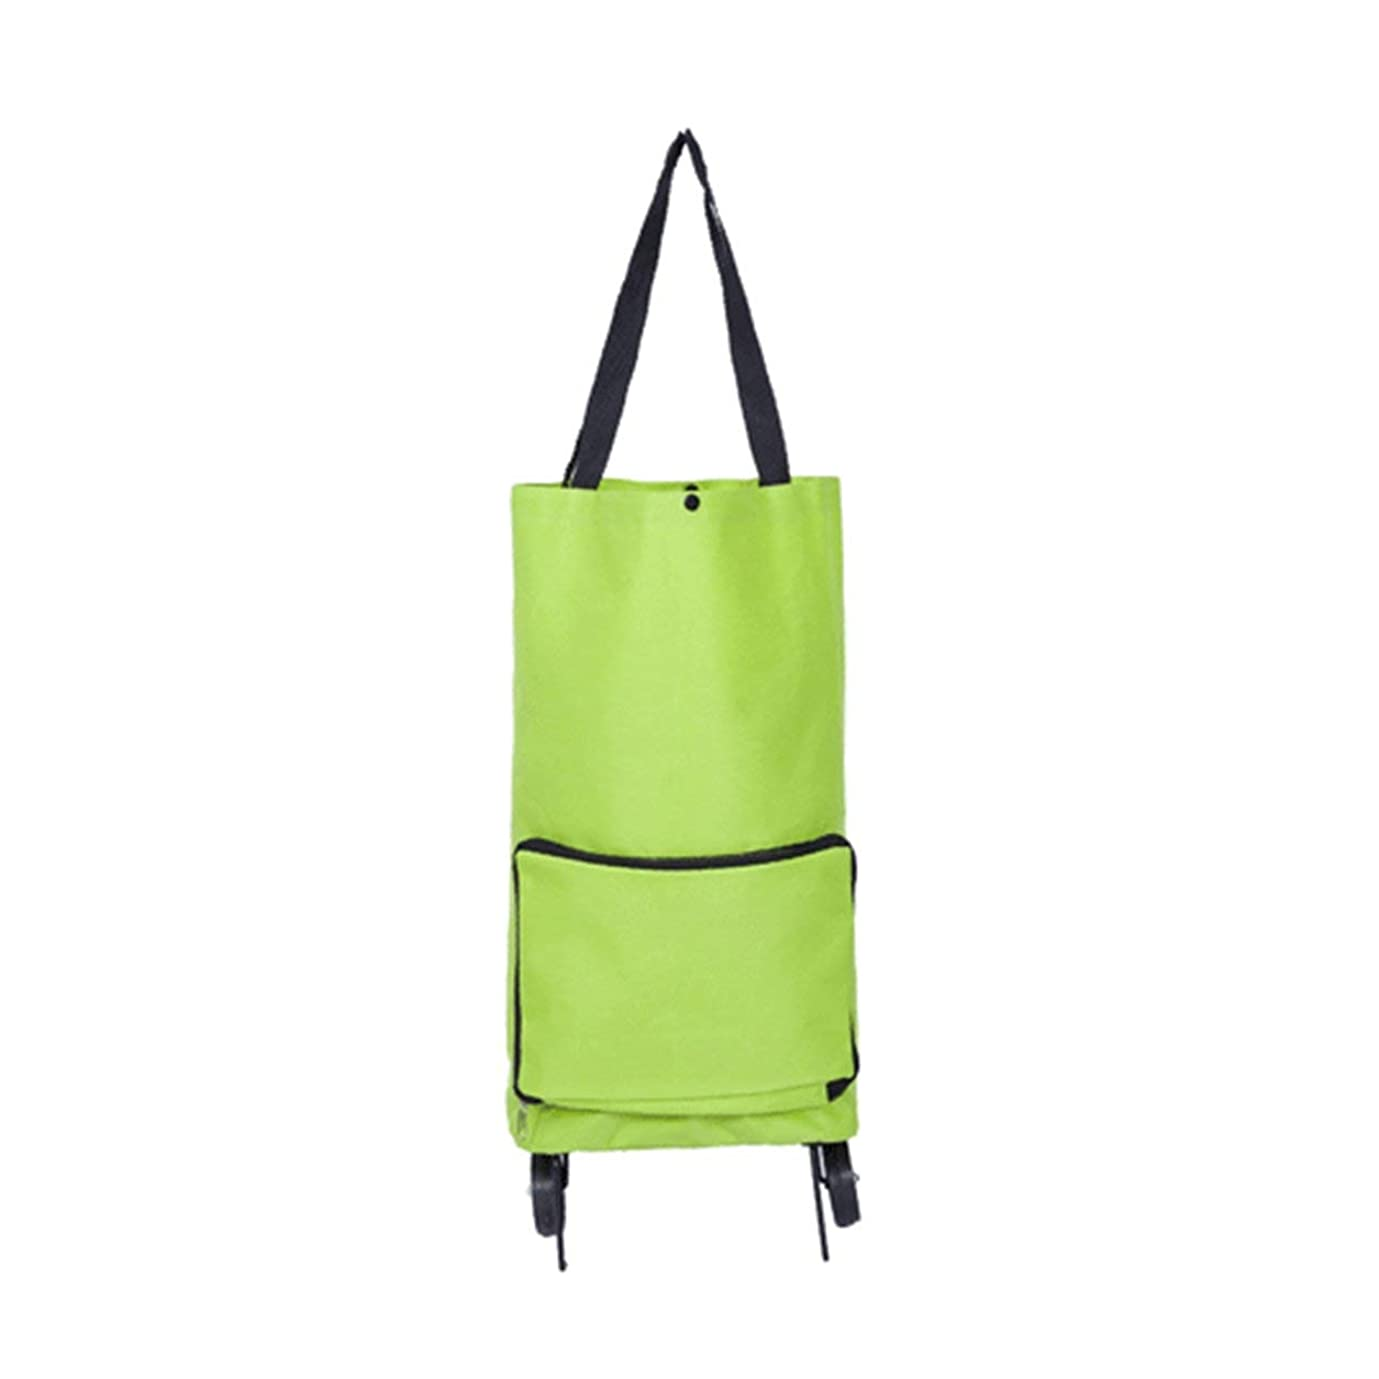 制限する社会主義クリープSaikogoods 多機能防水オックスフォード布折り畳み式SupermarkerショッピングトロリーホイールバッグTravalカート荷物バッグ 緑